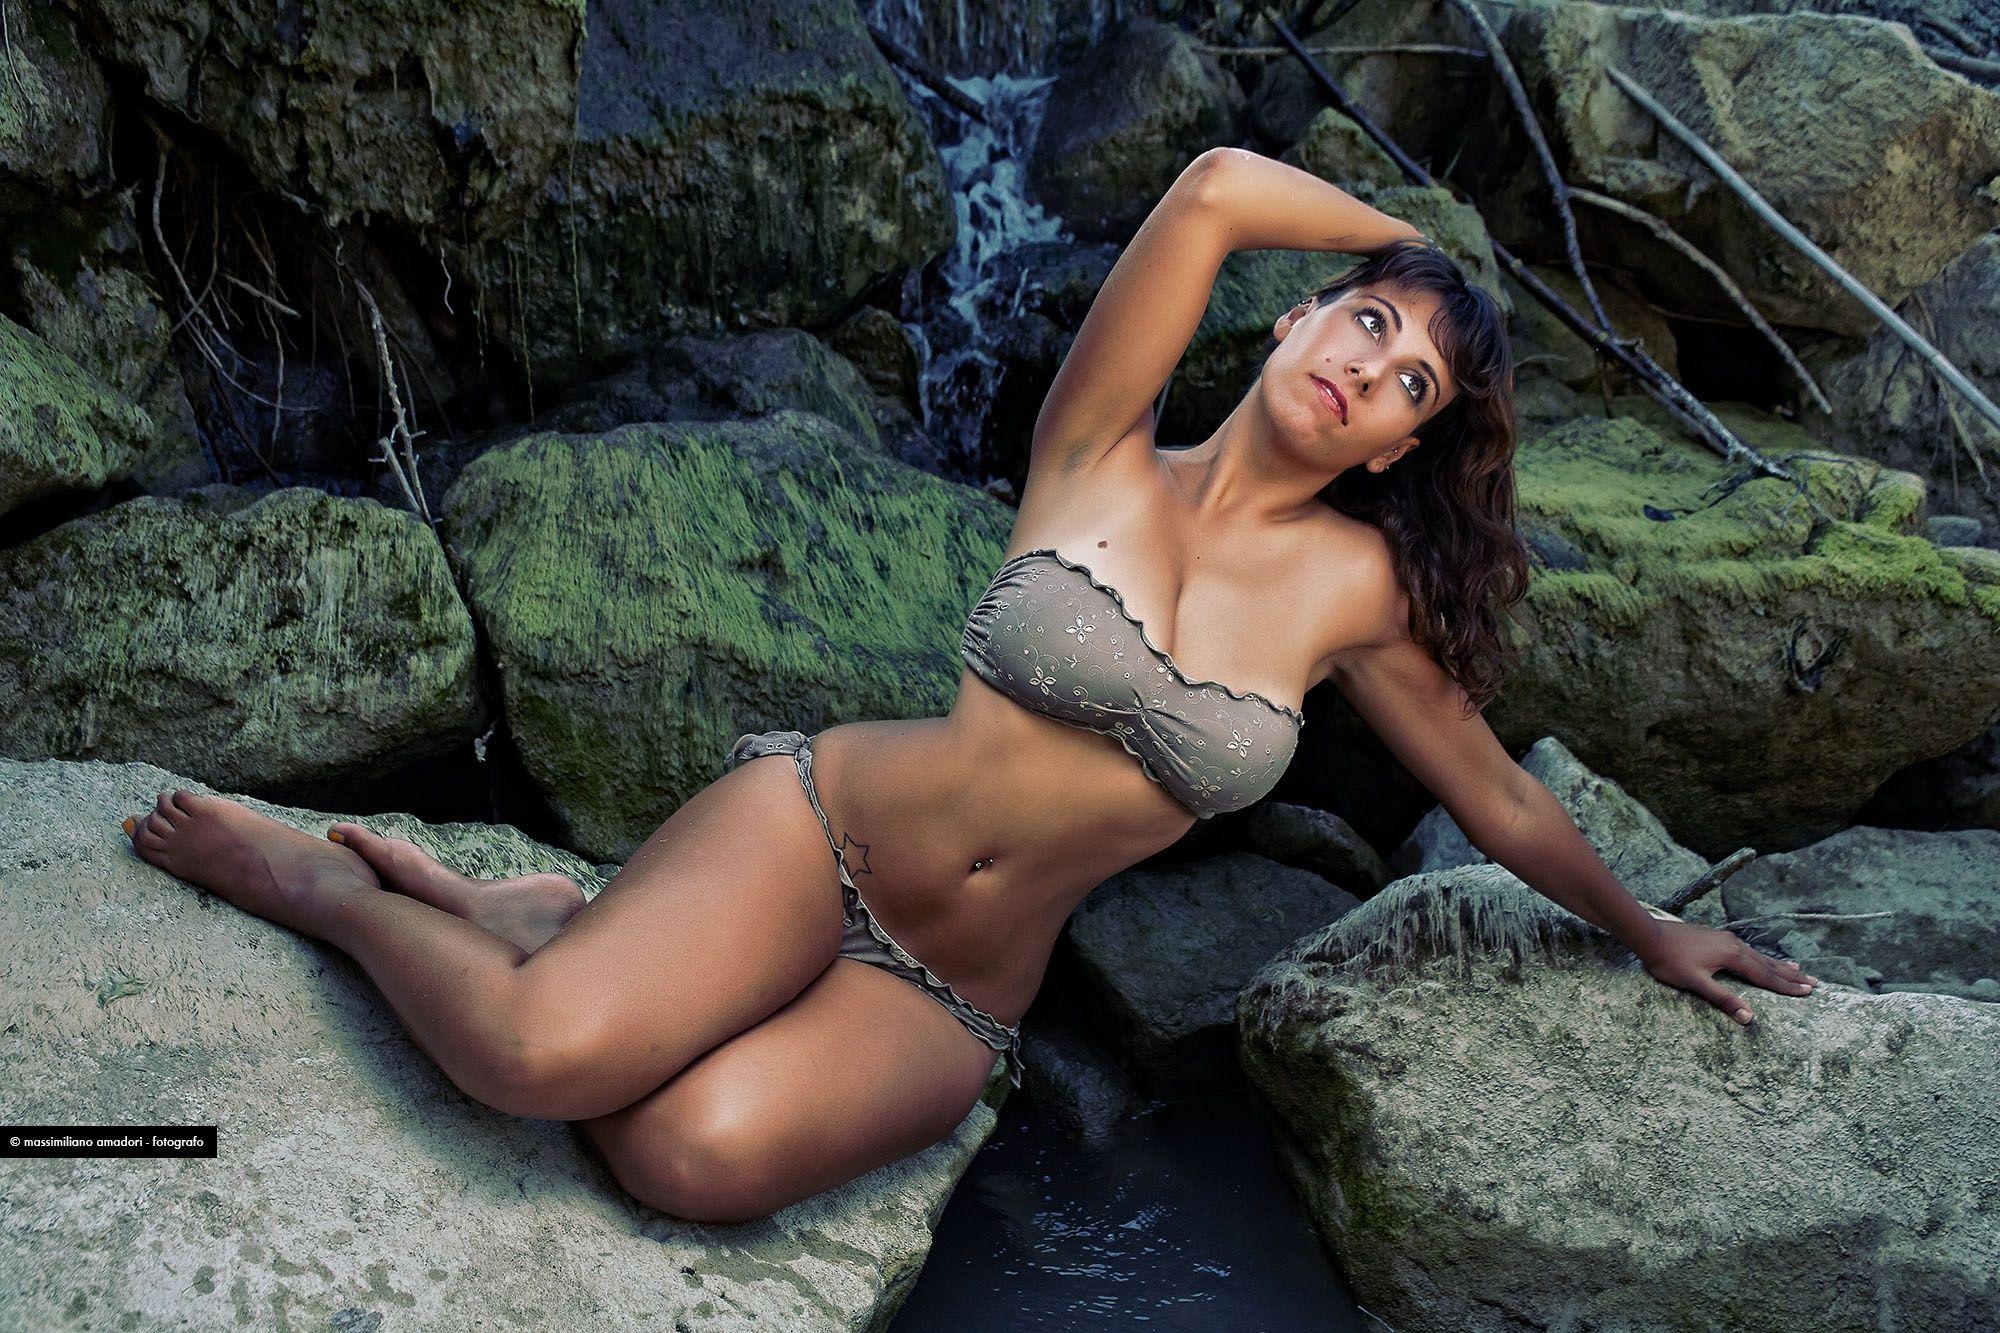 Jungle Girl Bikini